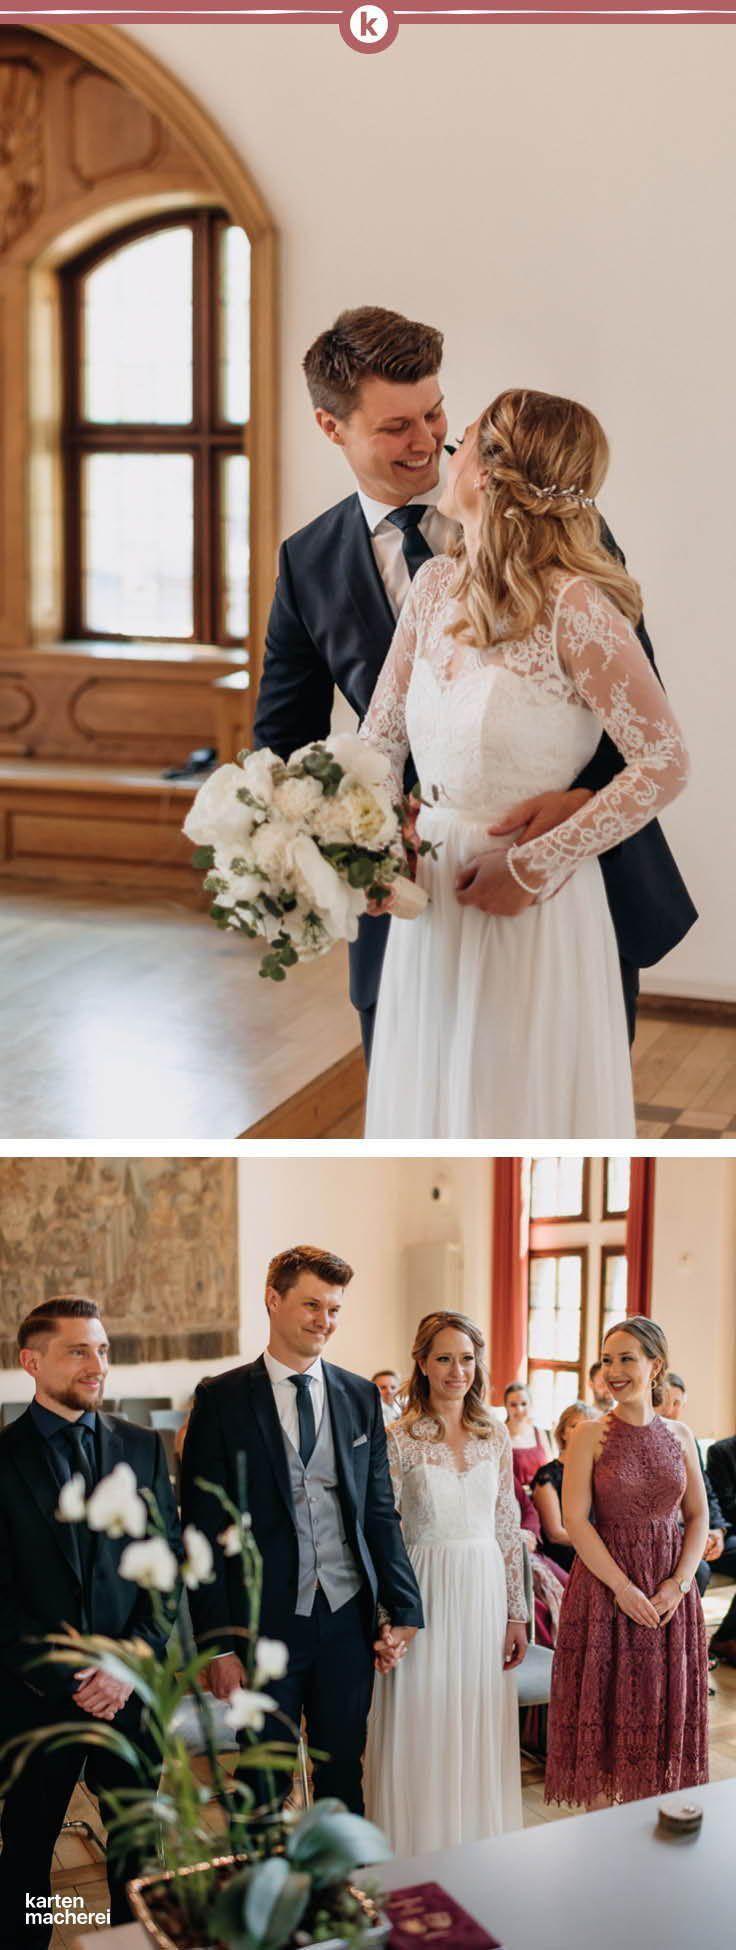 Real Wedding: Katharina & Robert Eine romantische Trauung im Standesamt, ein Mee...